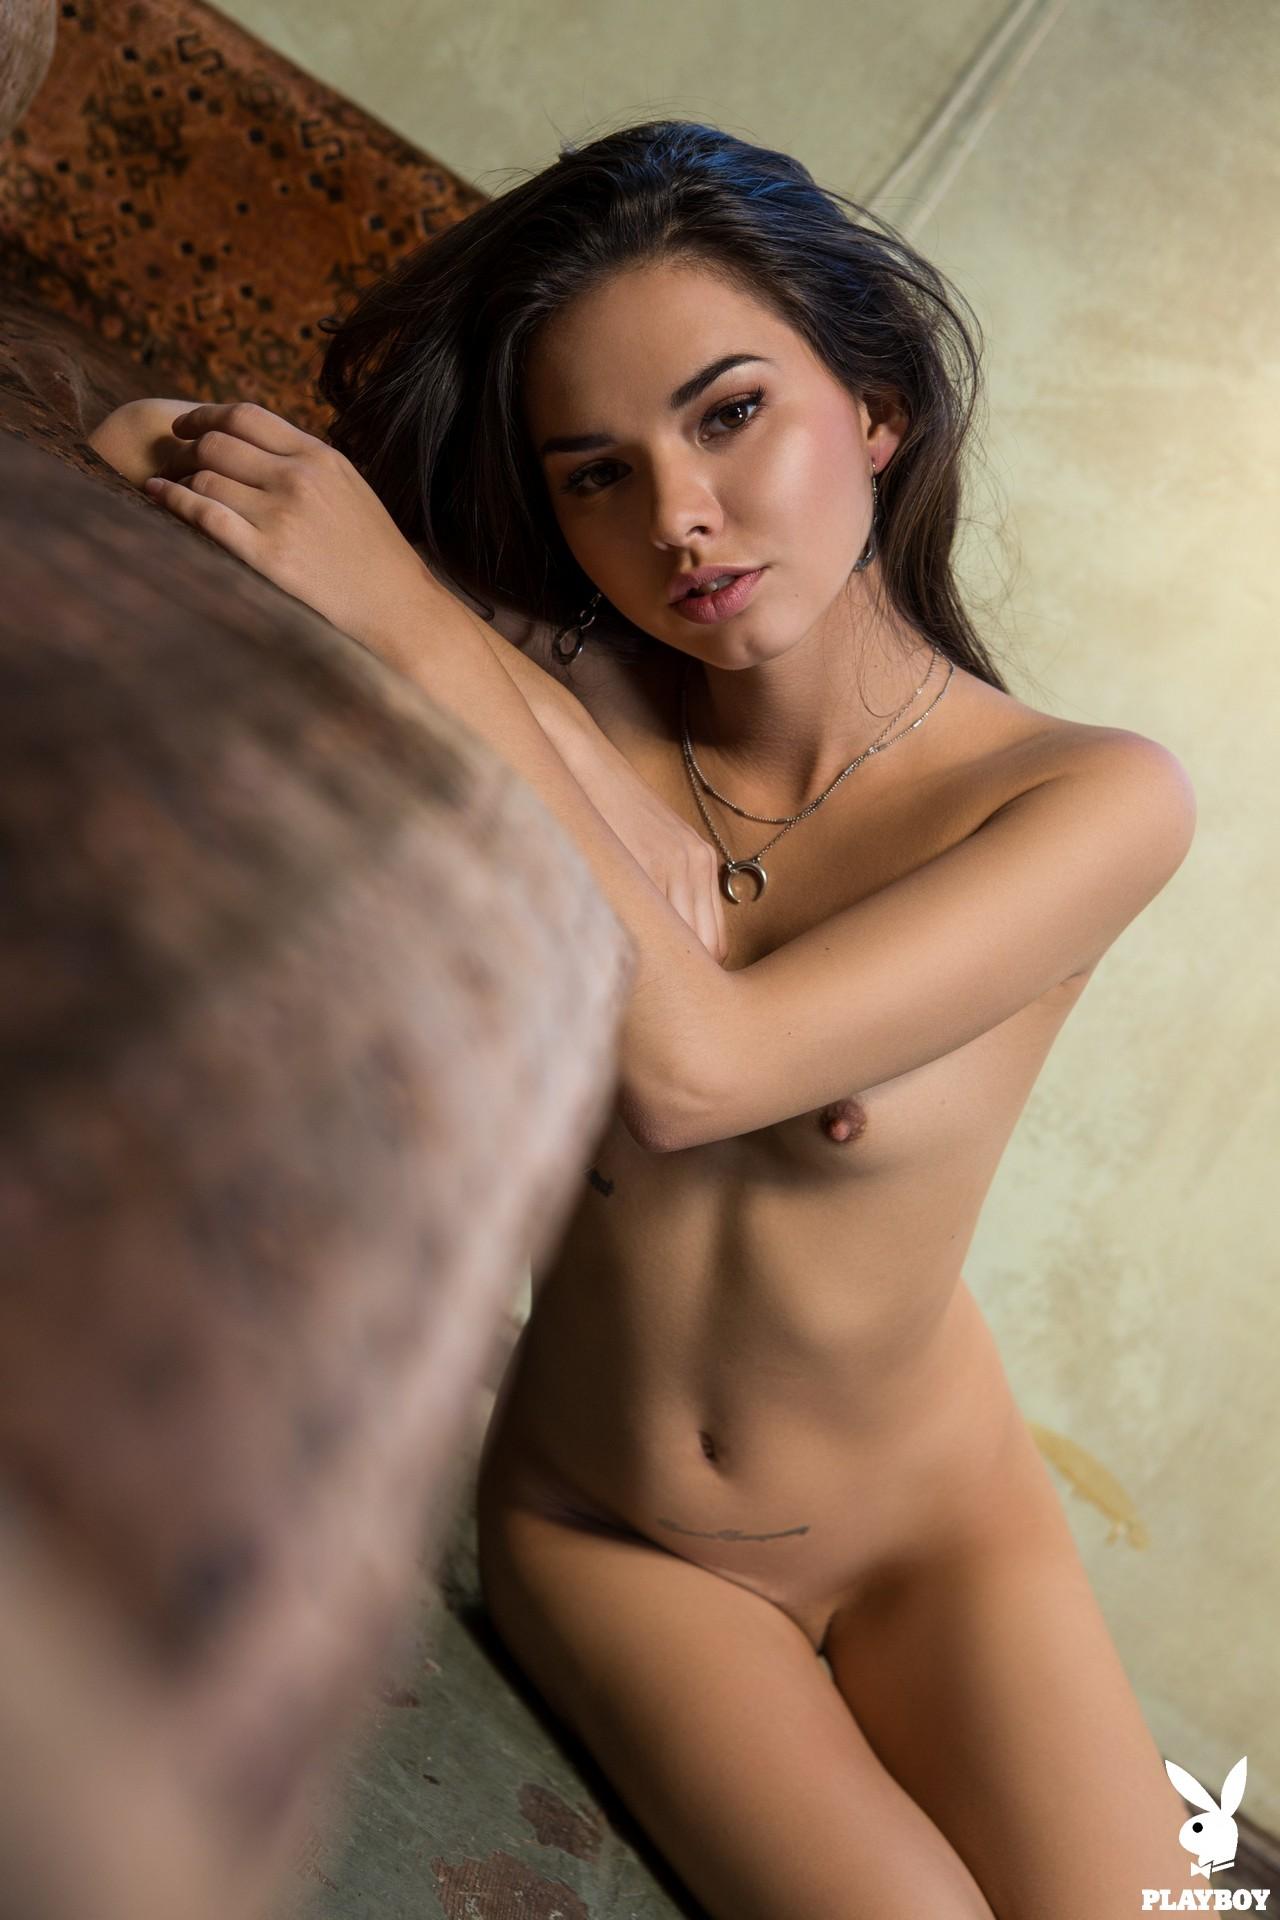 Dominique Gabrielle in Rustic Seduction - Playboy Plus 3